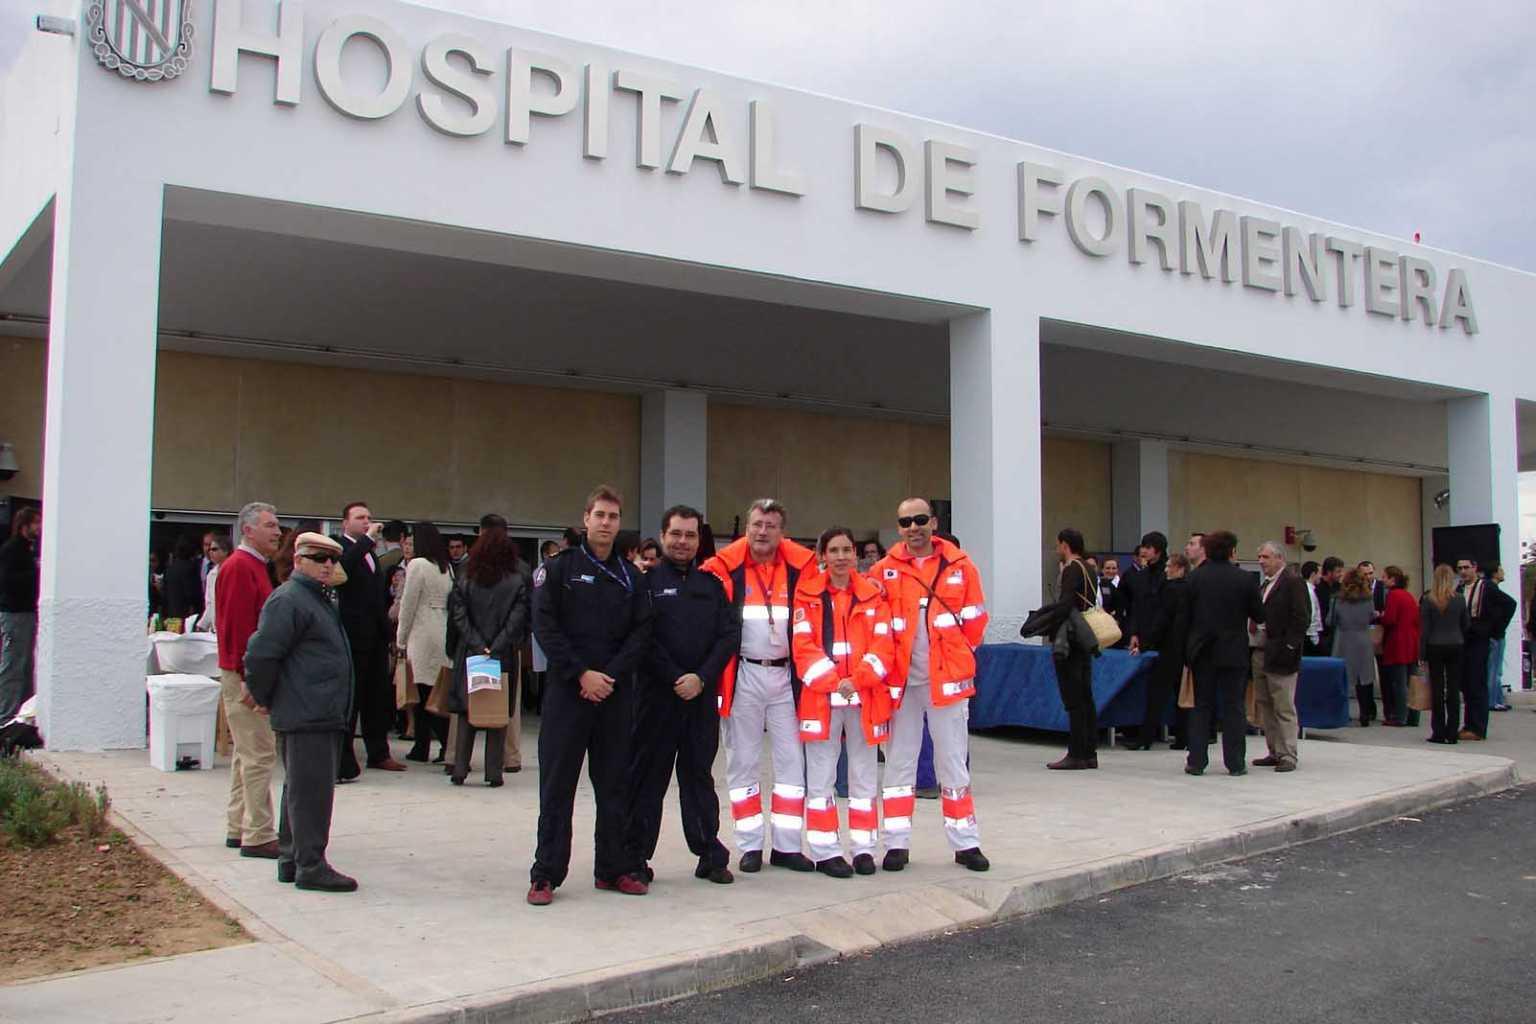 Inauguración del Hospital de Formentera, en el año 2007. Carmelo Convalia